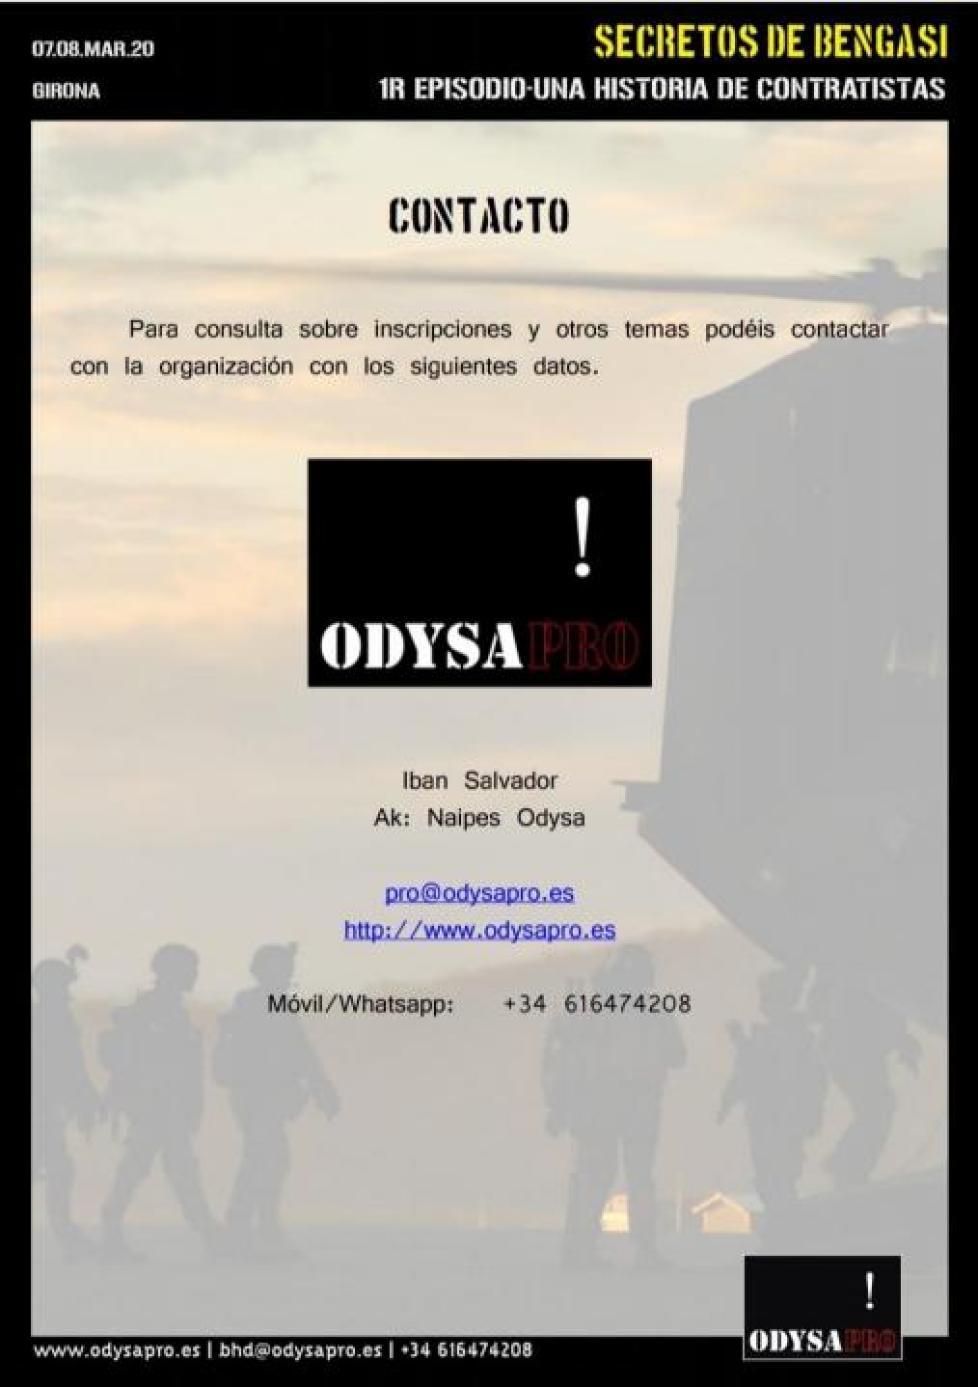 SECRETOS DE BENGASI: La Presentación en imágenes Bengasi